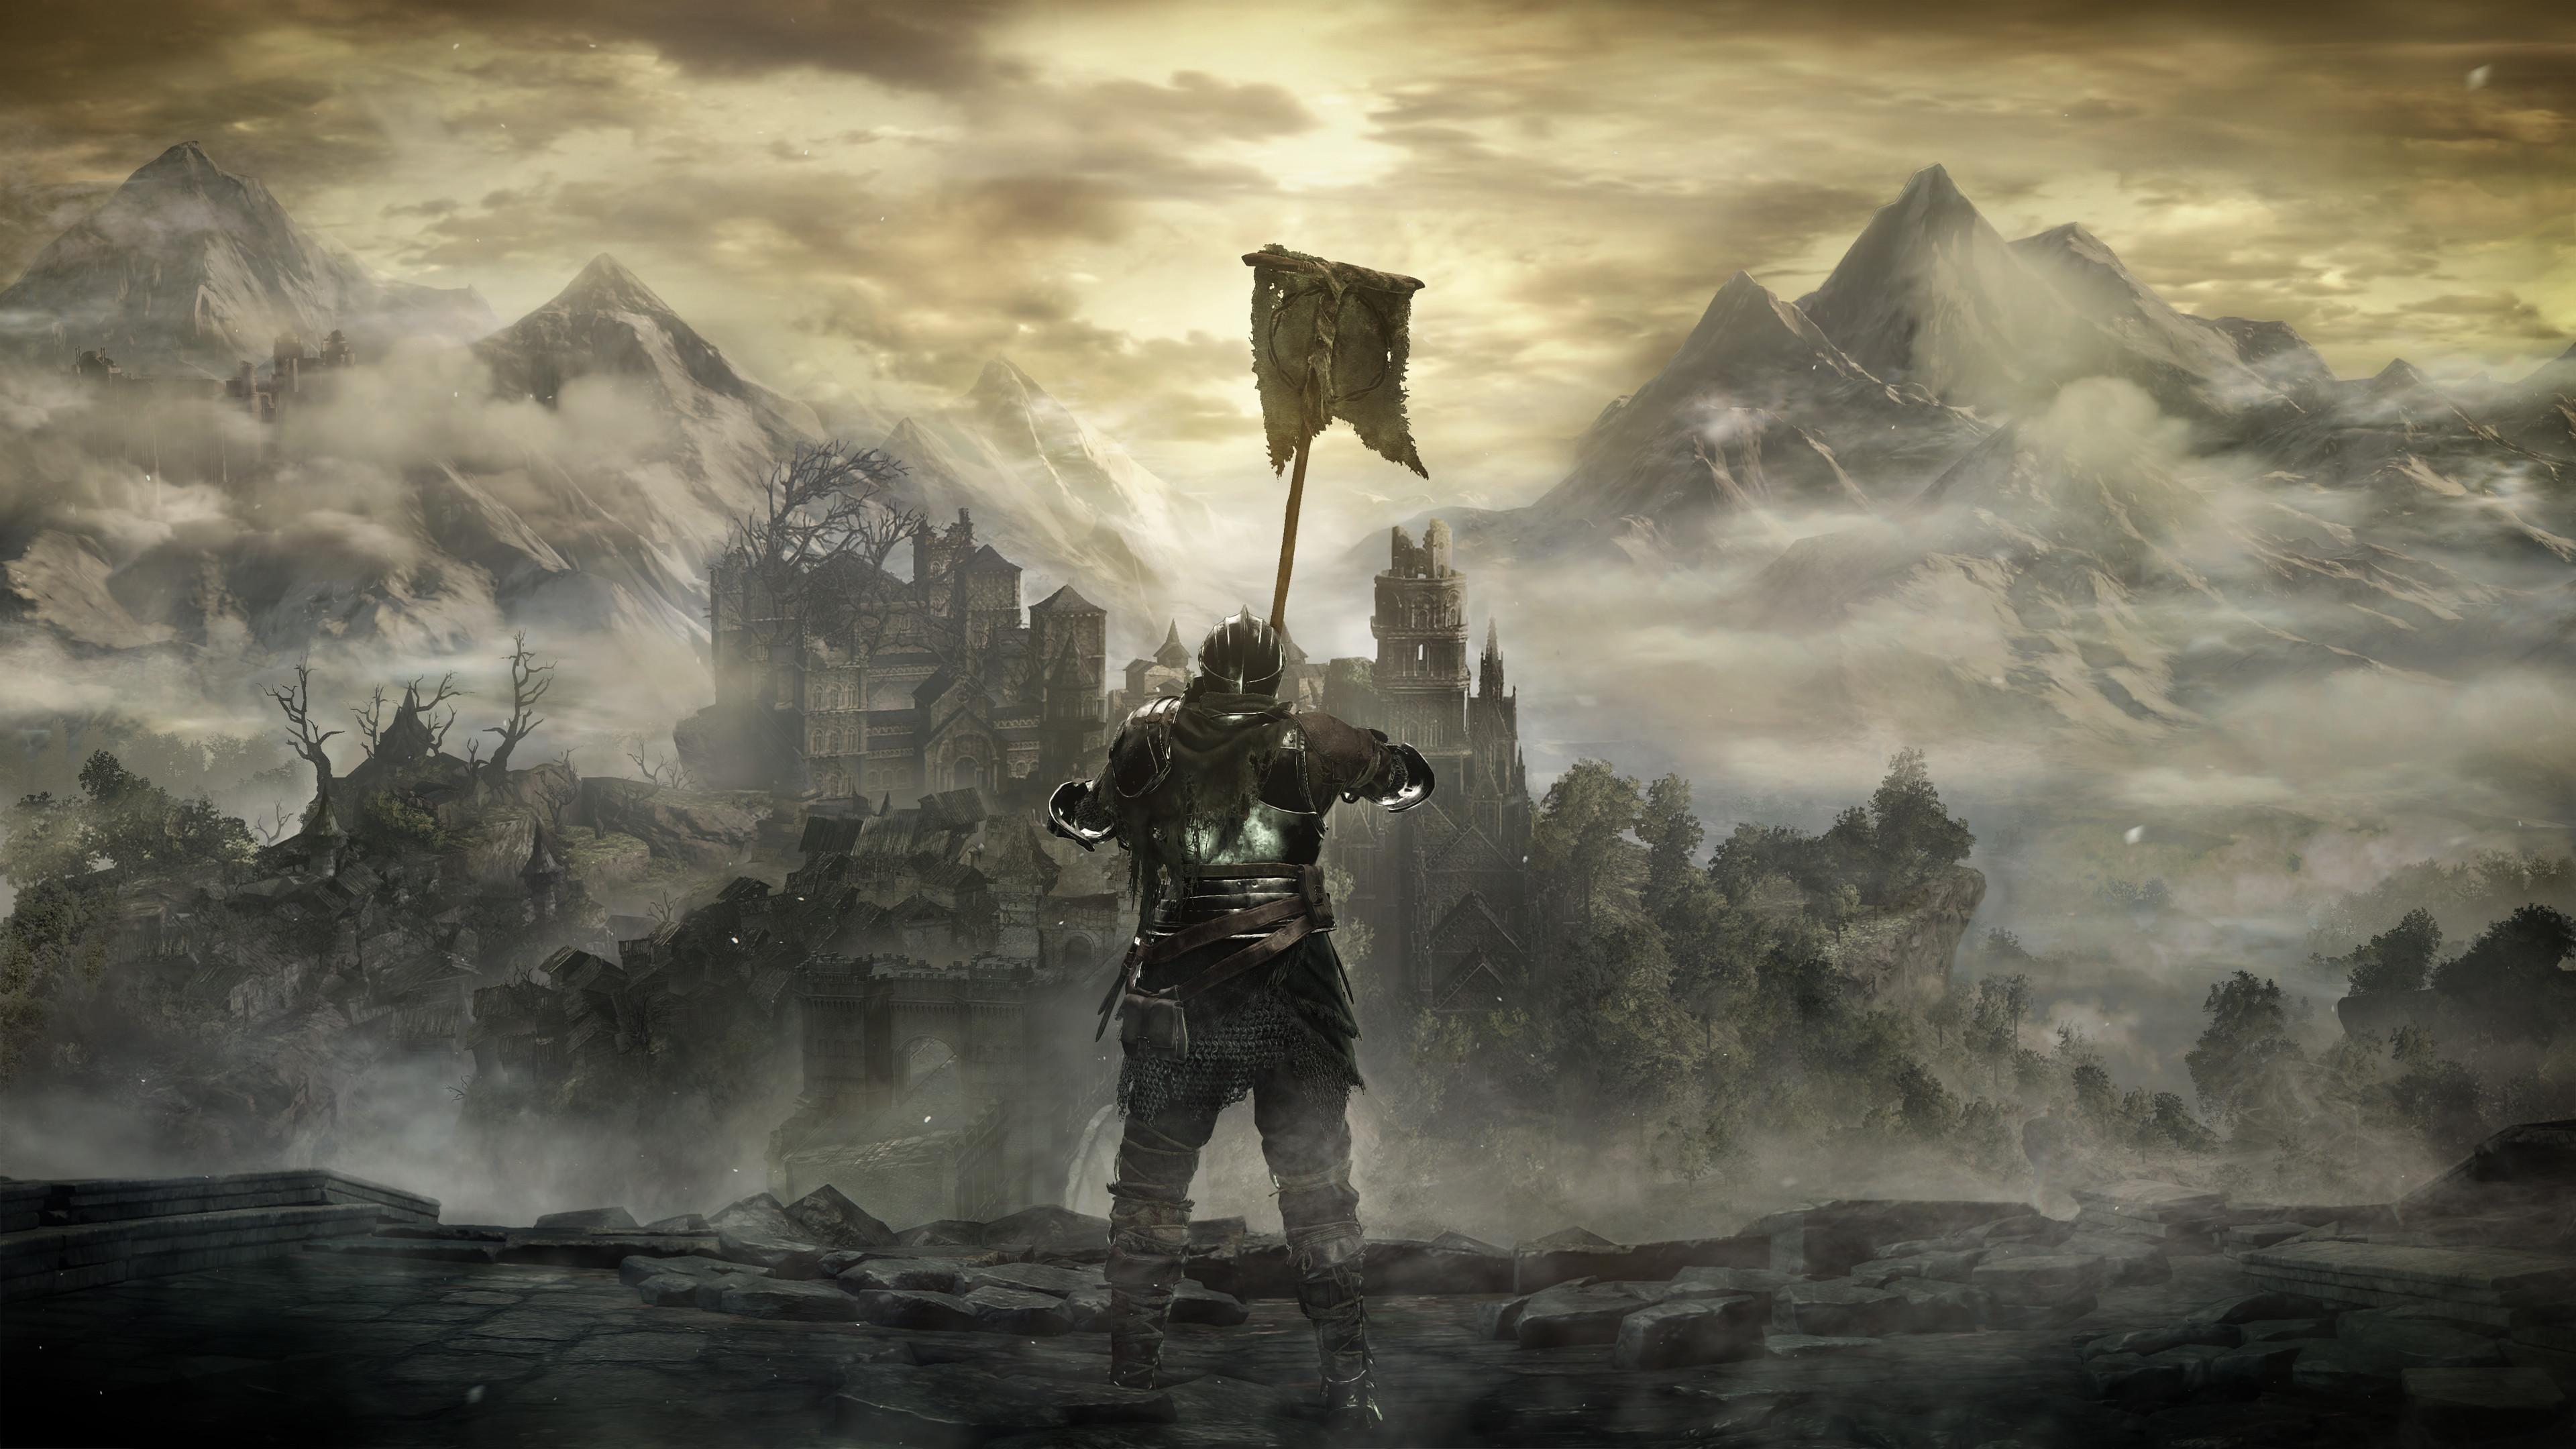 Video Game – Dark Souls III Knight Armor Mountain Castle Landscape Wallpaper